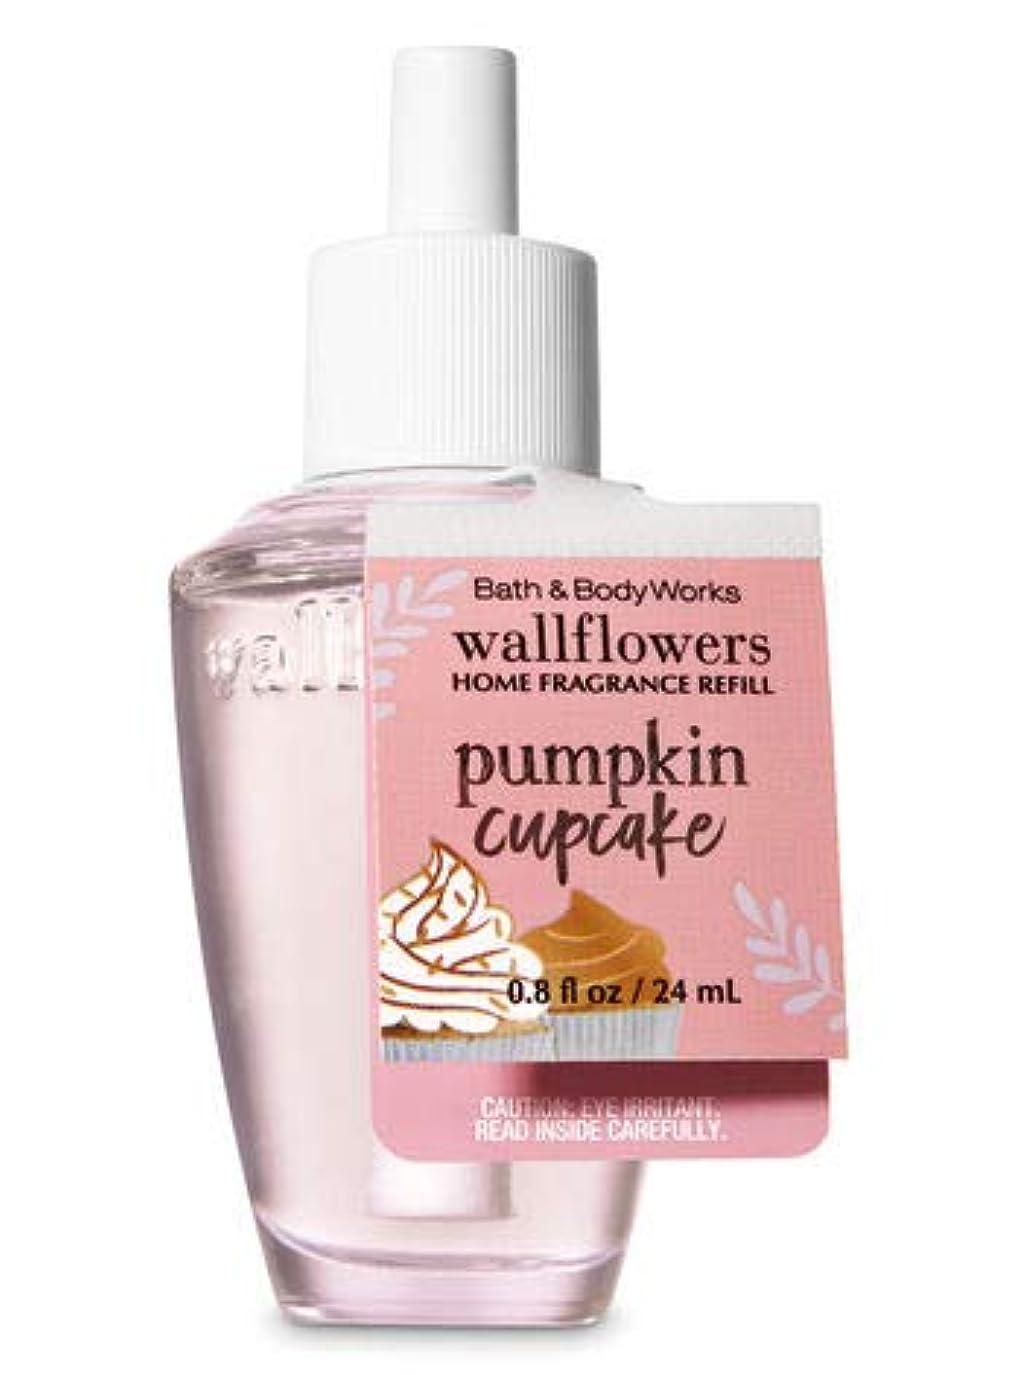 カポックバン知恵【Bath&Body Works/バス&ボディワークス】 ルームフレグランス 詰替えリフィル パンプキンカップケーキ Wallflowers Home Fragrance Refill Pumpkin Cupcake [並行輸入品]